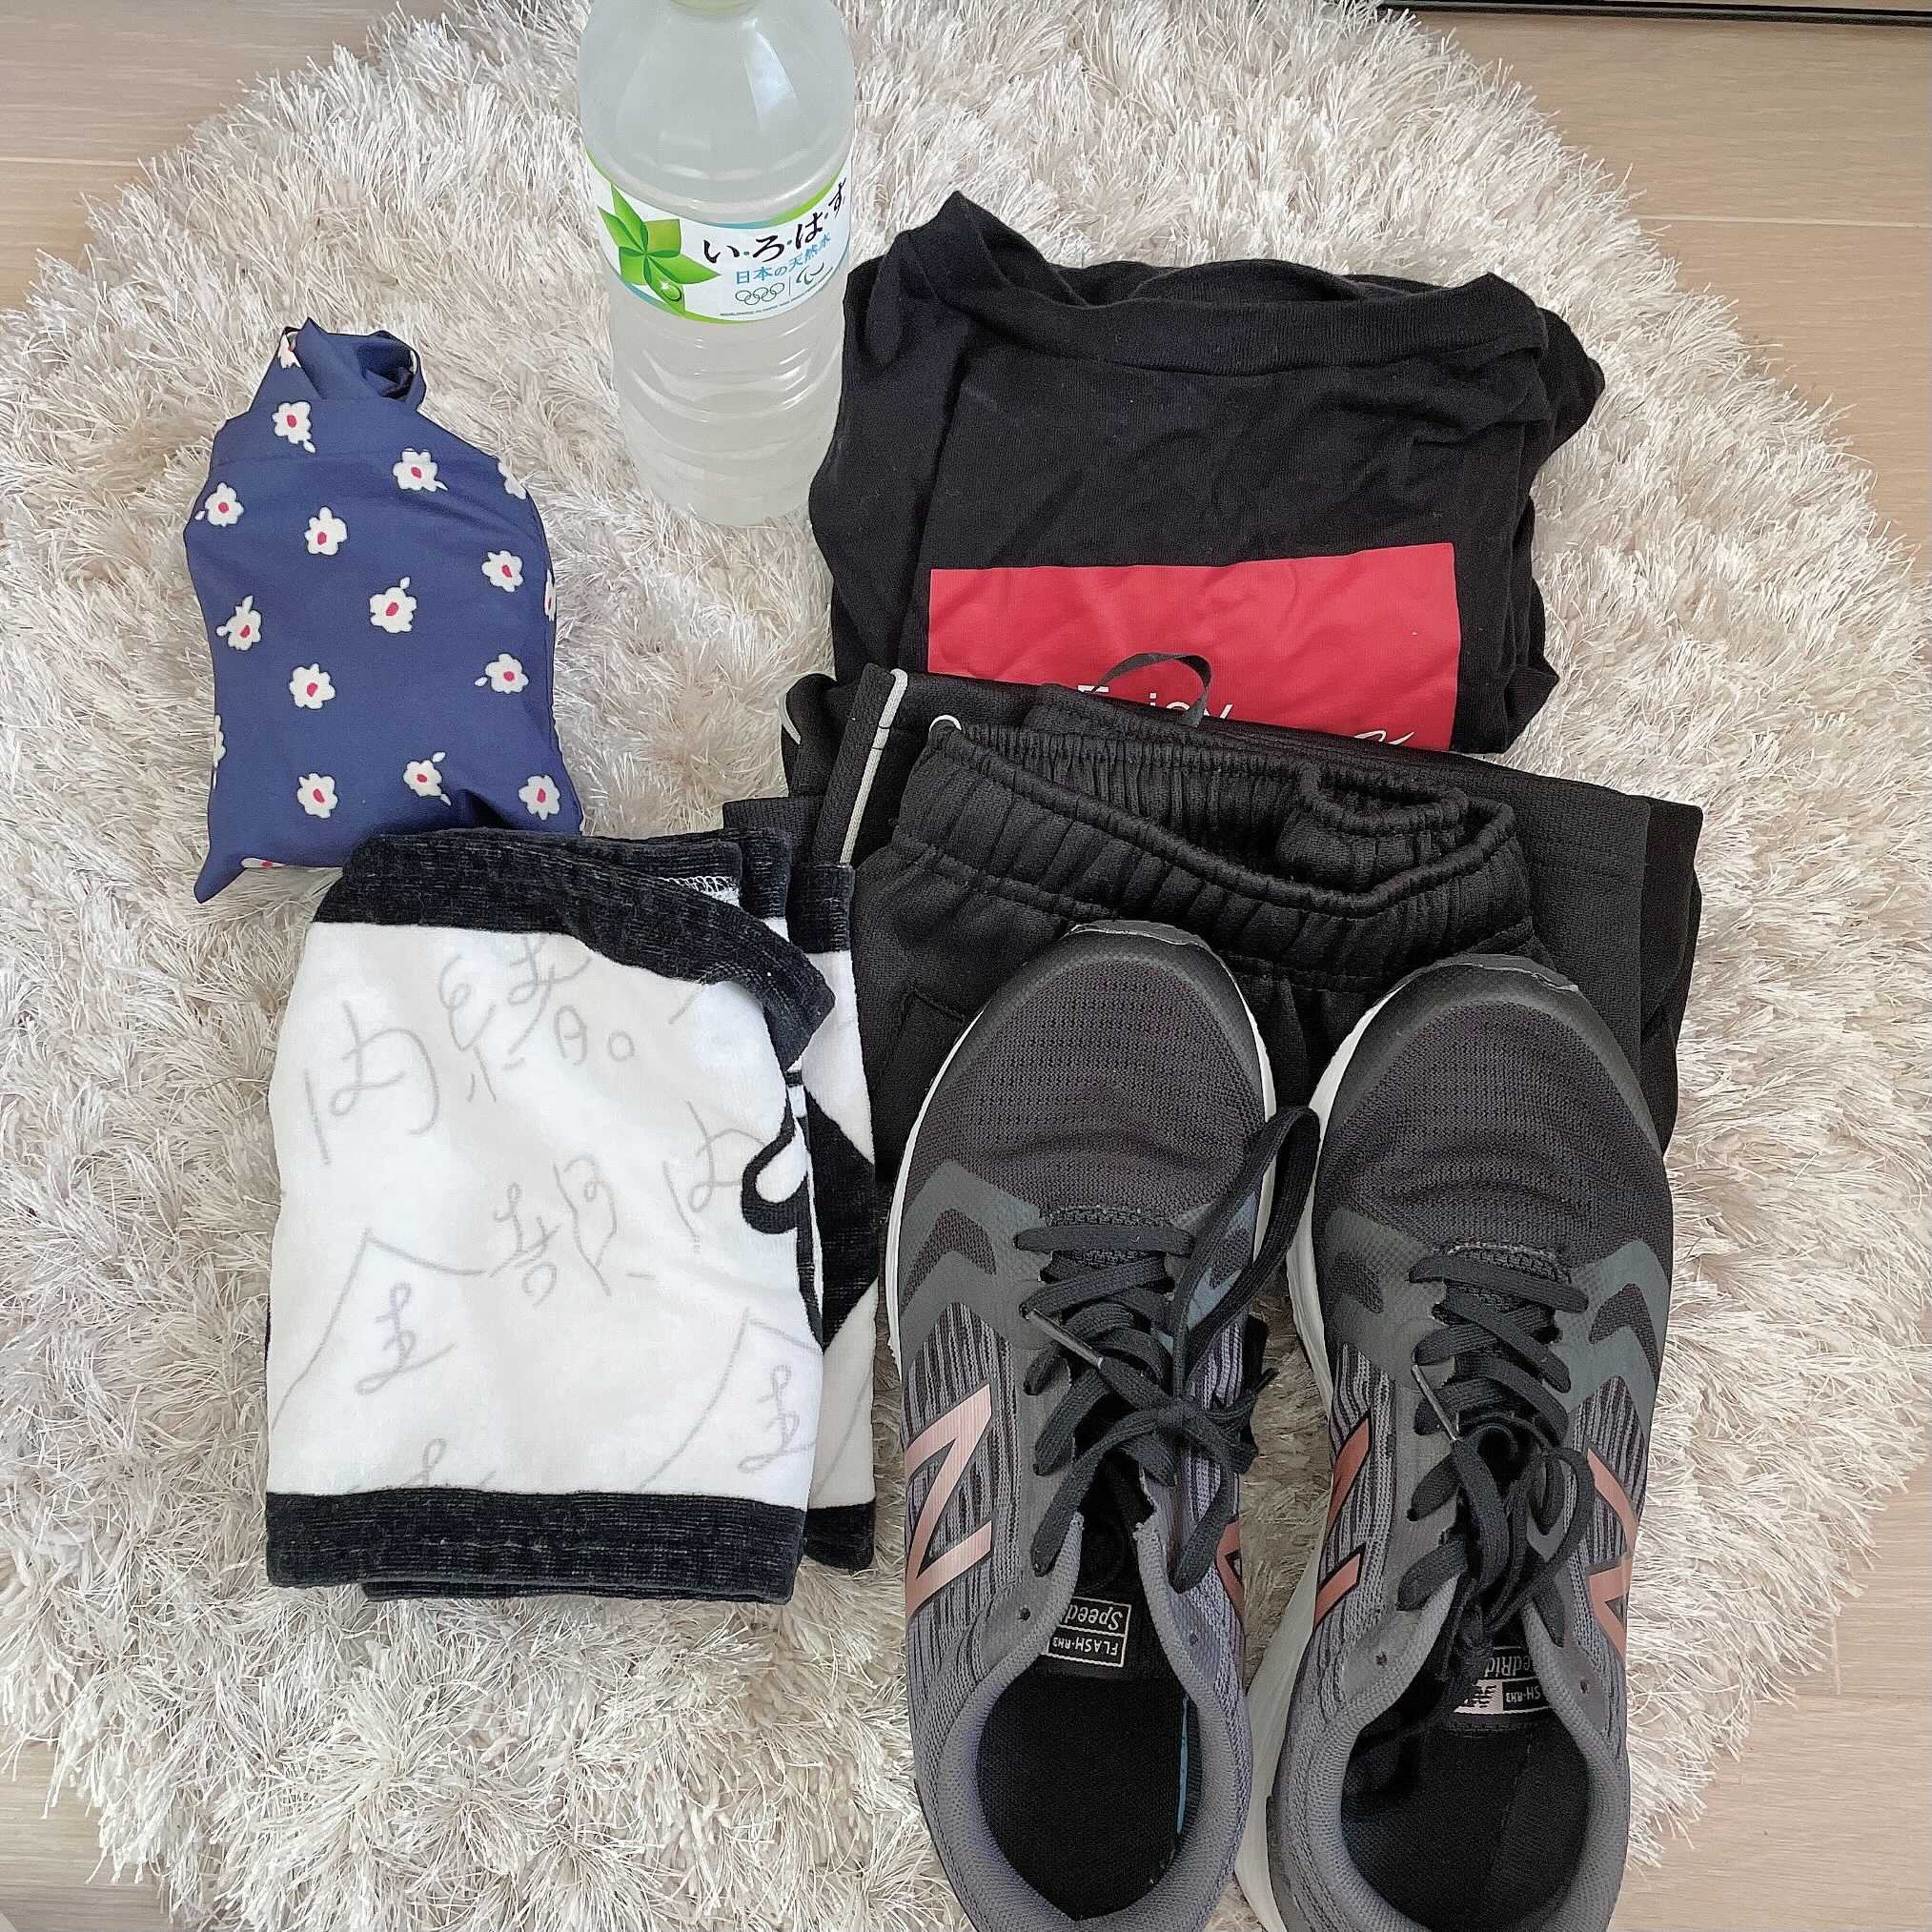 エコバッグ、ペットボトル、tシャツ、タオル、靴